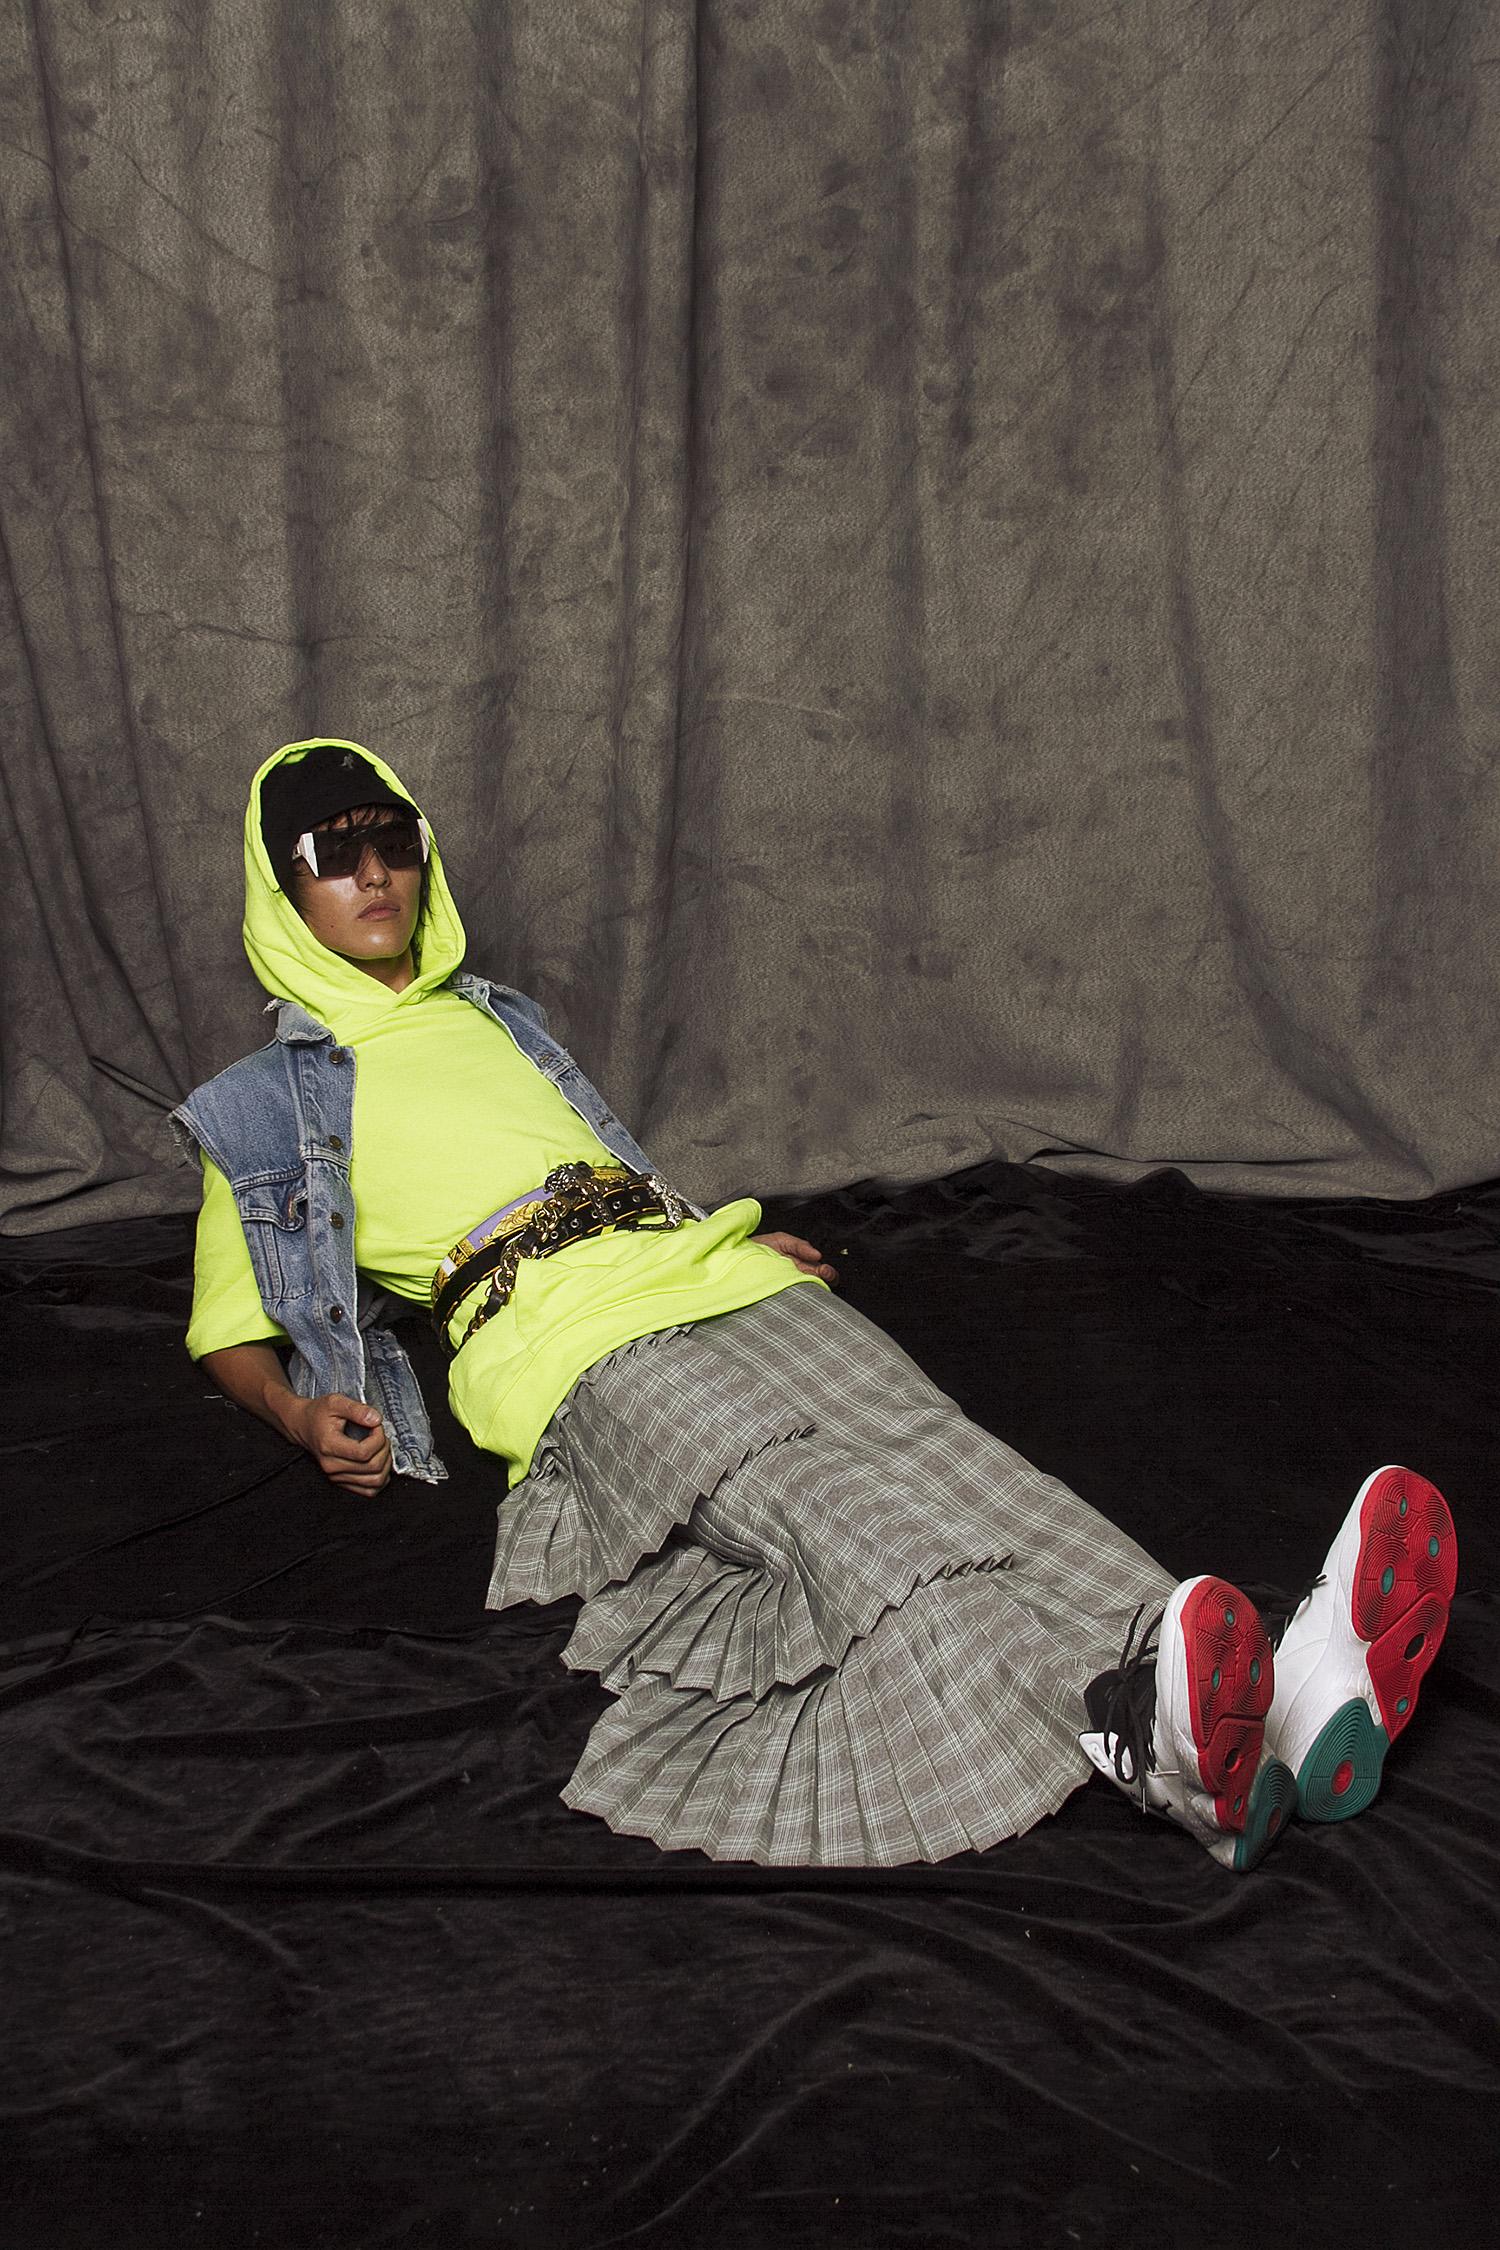 Sudadera  Forever 21,  chaleco mezclilla  Levi's,  falda de cuadros  Tanamachi,  cinturón1  NDA,  cinturón 2  Versace  Cinturón 3  Moschino,  tenis  Jordan,  lentes de sol  Max Mara,  bucket Hat  Kangol.